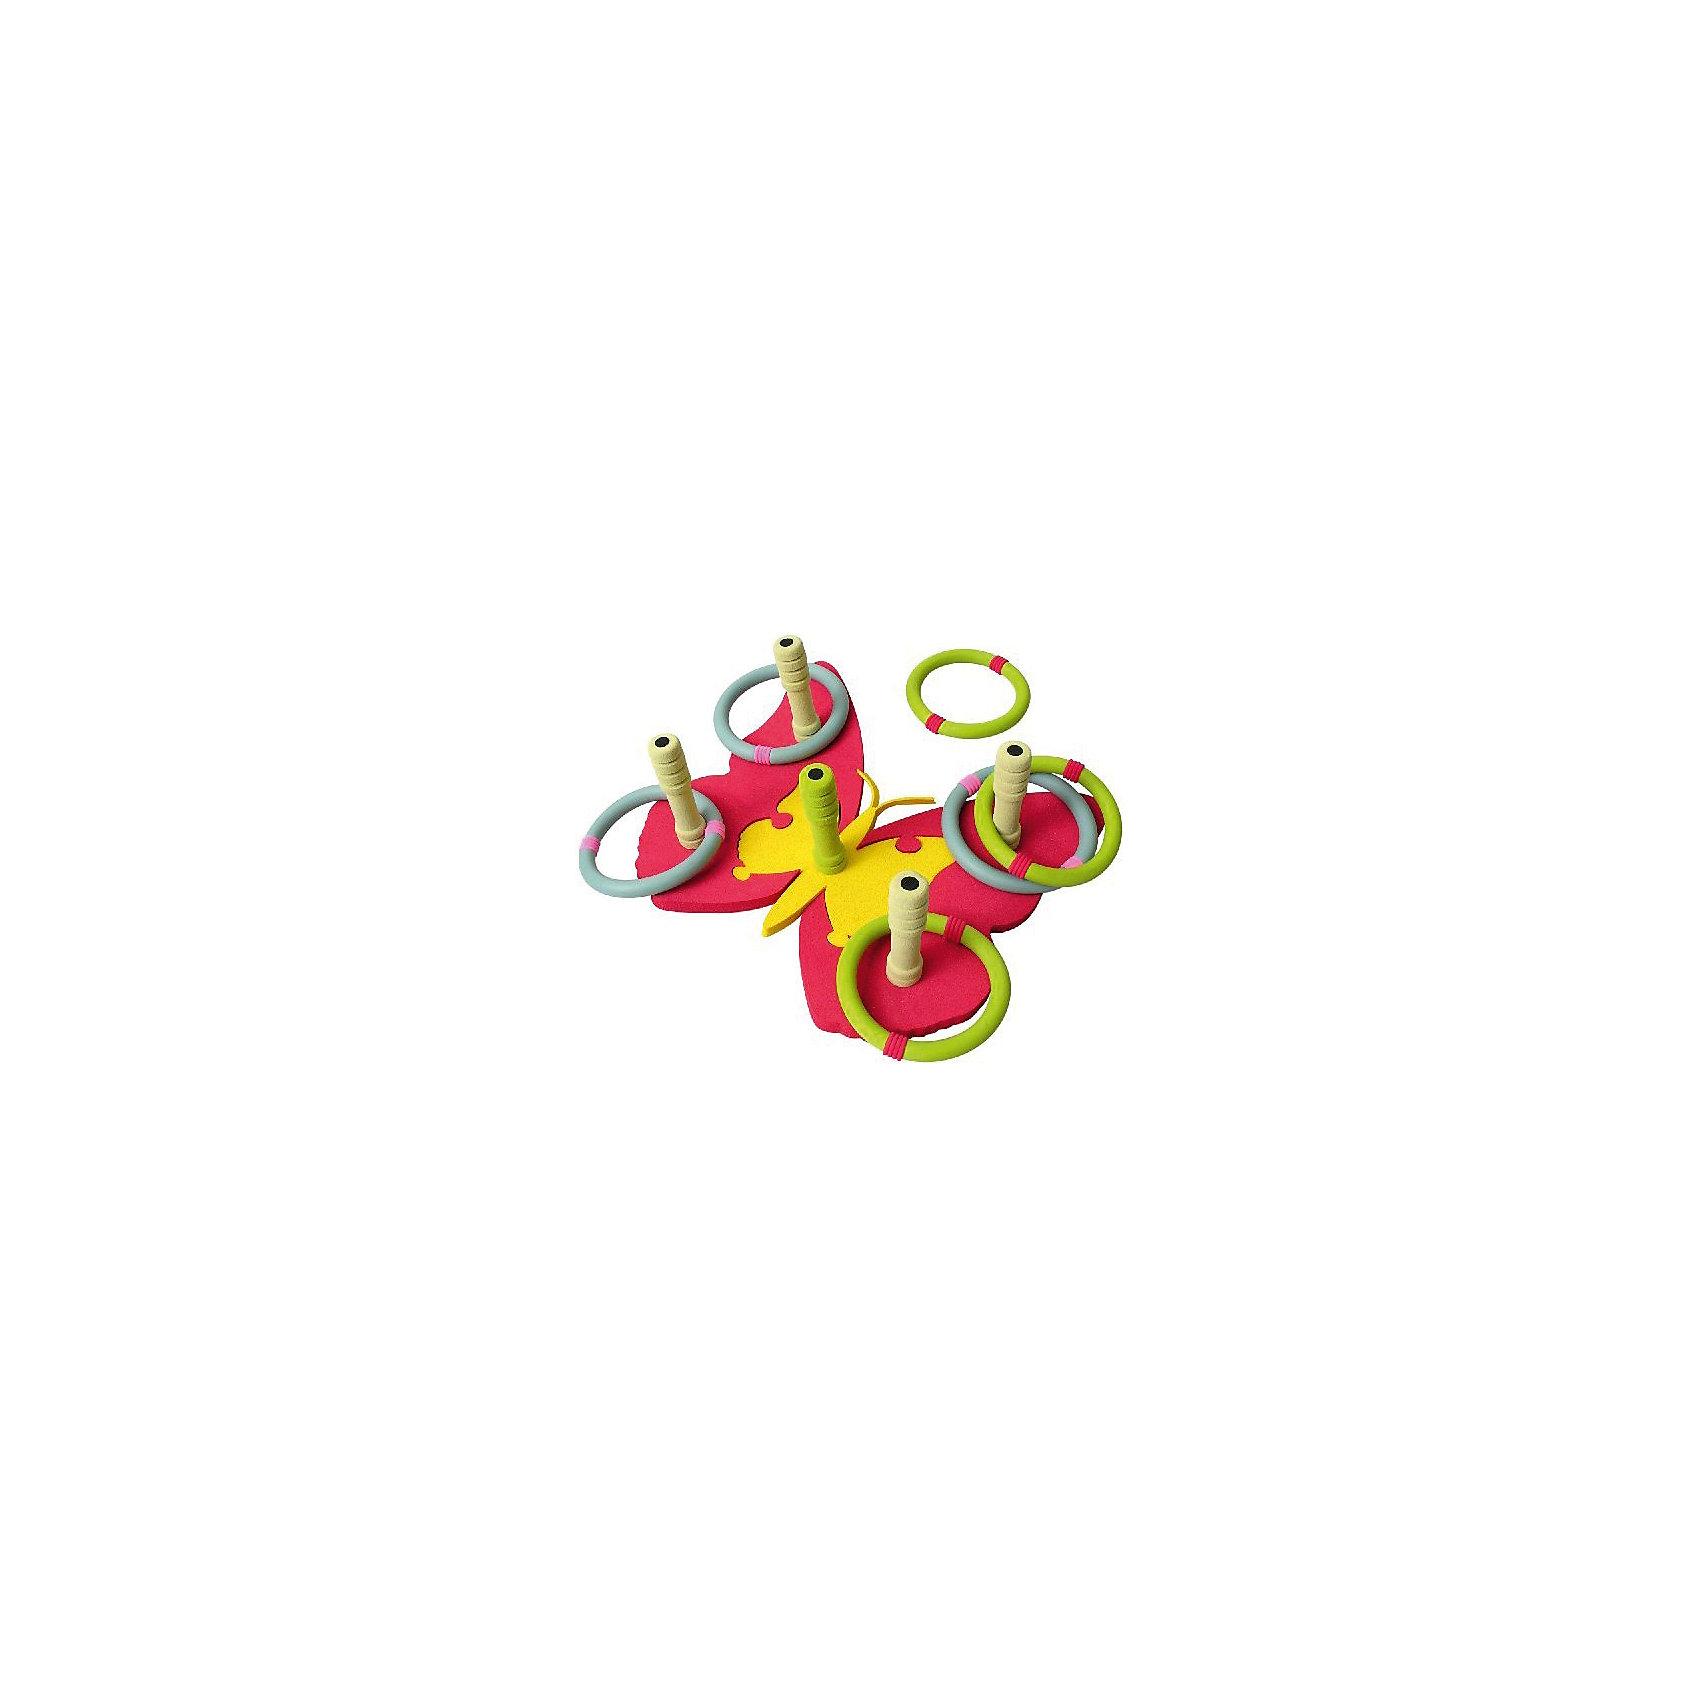 Кольцеброс Бабочка, SafsofКольцеброс Бабочка, Safsof - прекрасный вариант для подвижных активных игр в помещении или на открытом воздухе. В комплект входят кольцеброс в виде яркой красочной бабочки с 5 колышками и 6 разноцветных колец. Колышки имеют закруглённые безопасные концы. Цель игры - насадить на колышки как можно больше колечек. Набор выполнен из качественных экологичных материалов, легко чистится и моется. Развивает координацию и моторику движений, меткость, ловкость и внимательность.<br><br>Дополнительная информация:<br><br>- В комплекте: кольцеброс-бабочка с 5 колышками, 6 колец.<br>- Материал: пенорезина. <br>- Диаметр кольца: 12 см.<br>- Размер упаковки: 35 х 42 х 4 см.<br>- Вес: 0,3 кг.<br> <br>Кольцеброс Бабочка, Safsof, можно купить в нашем интернет-магазине.<br><br>Ширина мм: 350<br>Глубина мм: 370<br>Высота мм: 50<br>Вес г: 140<br>Возраст от месяцев: 36<br>Возраст до месяцев: 144<br>Пол: Унисекс<br>Возраст: Детский<br>SKU: 4627943